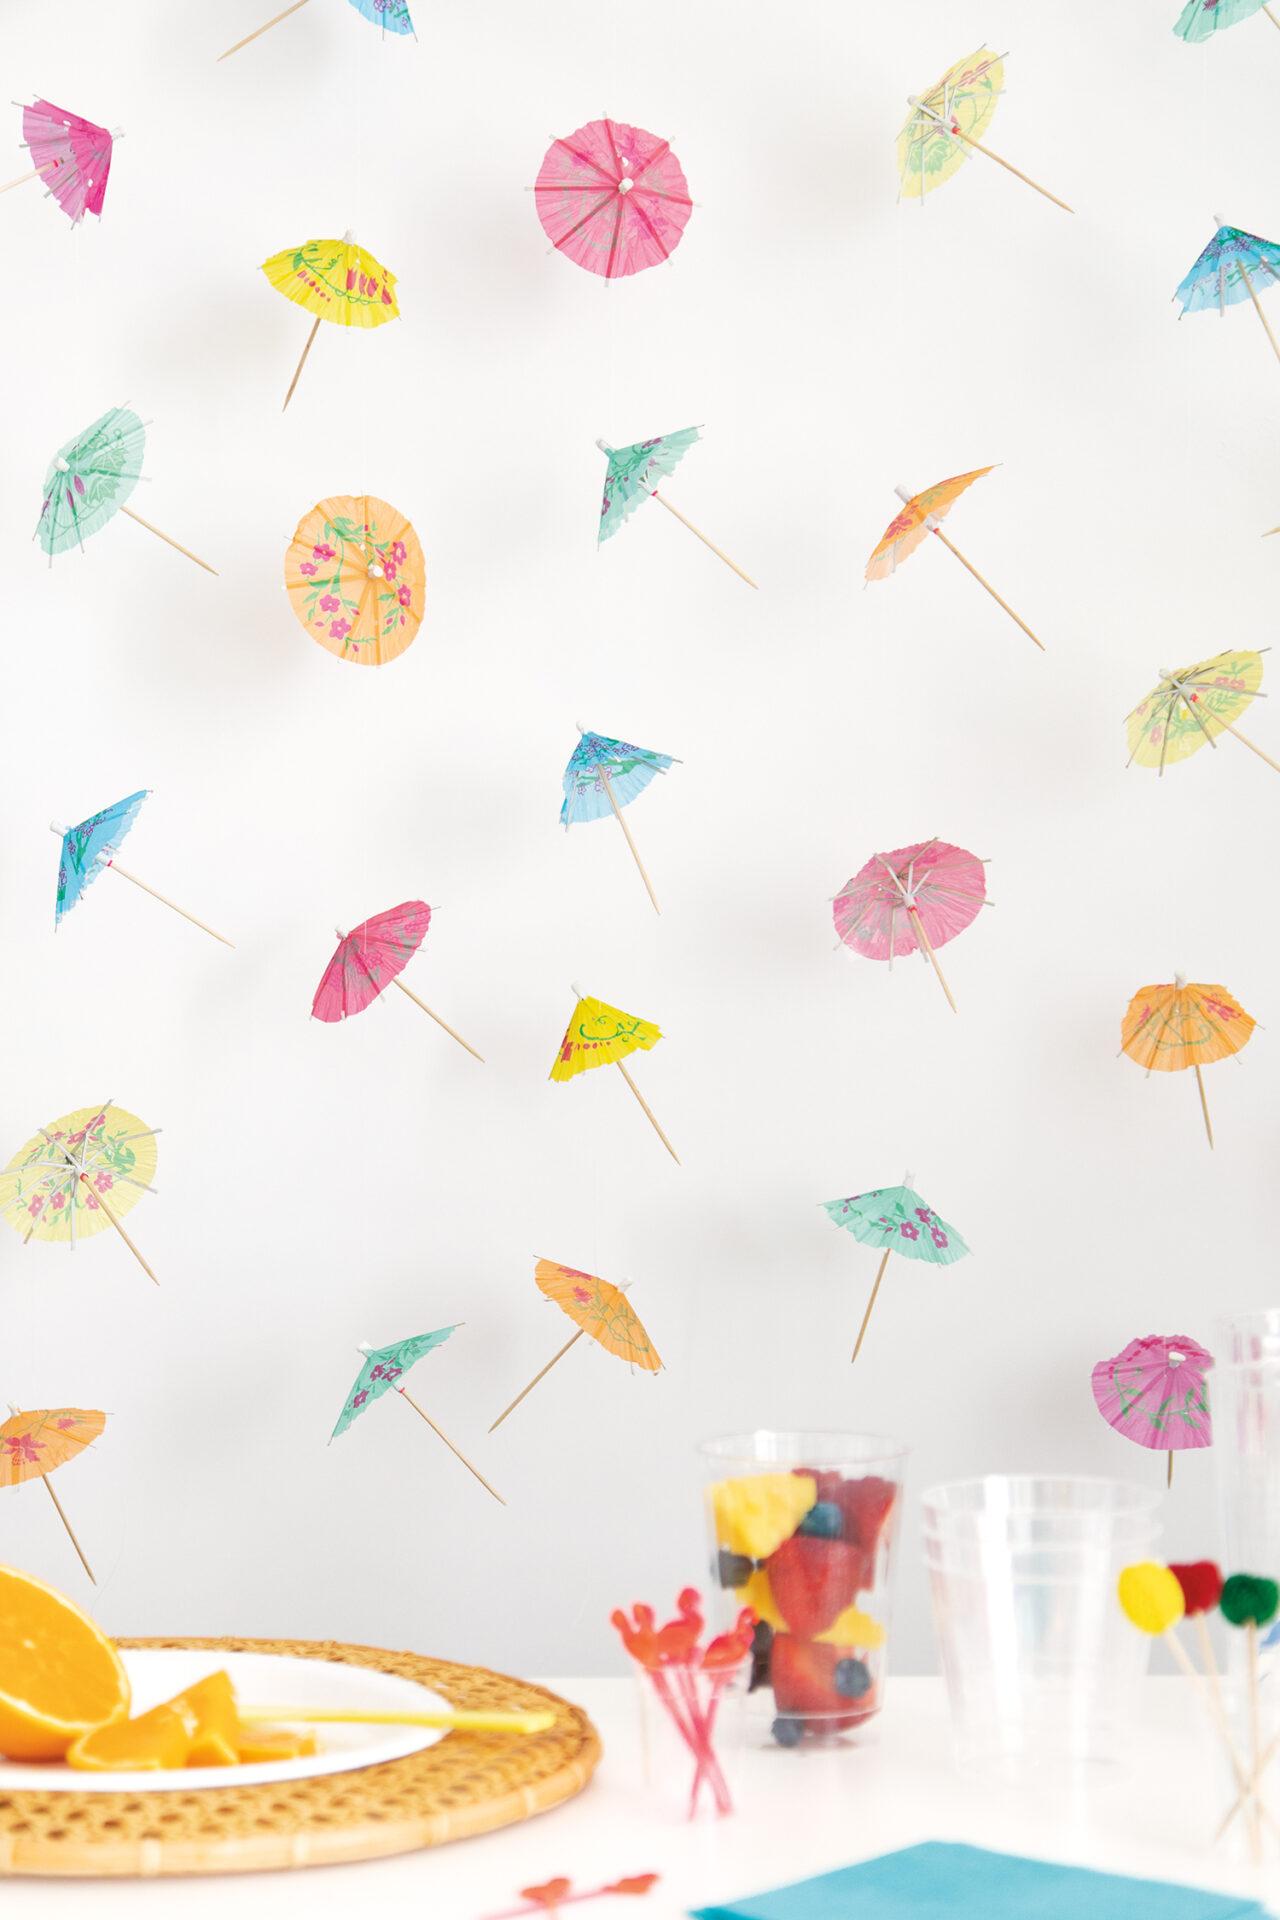 Drink Umbrella Party Backdrop - Summer Party Ideas